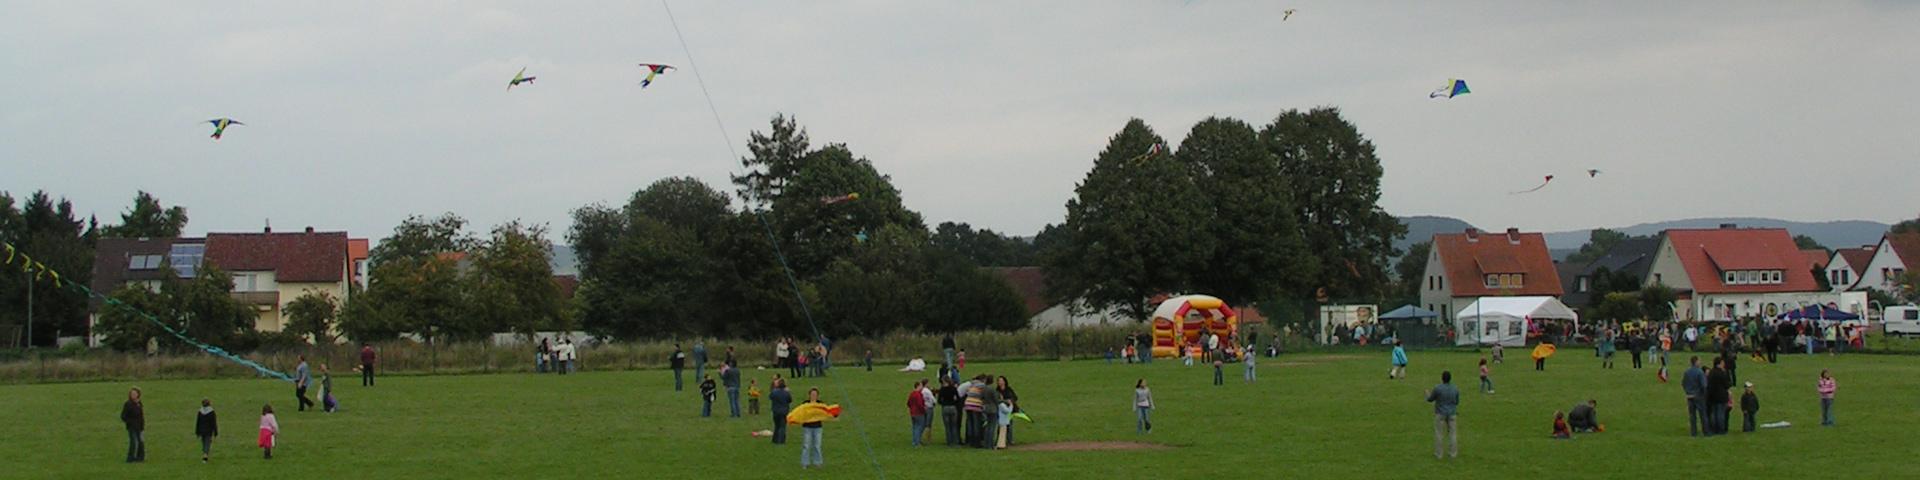 Drachenfest Hevensen